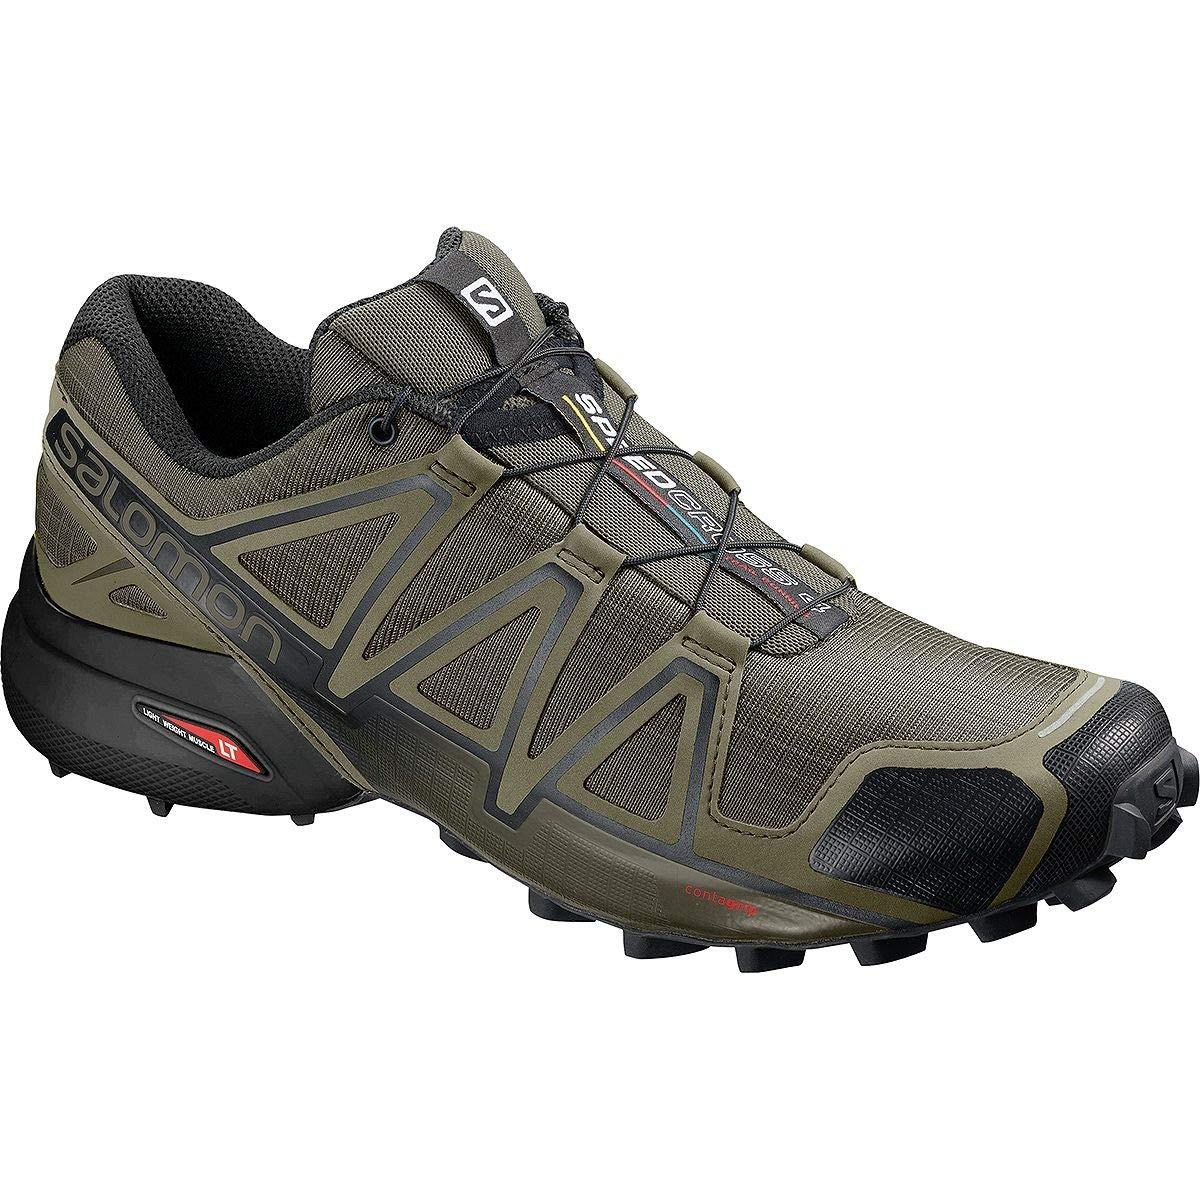 【楽天スーパーセール】 [サロモン] Speedcross メンズ 4 ランニング Speedcross 4 Wide Trail Running Shoe Running [並行輸入品] B07P2VTKVS US-11.0/UK-10.5, フットサルショップ casa paterna:034f9c30 --- stafftracking.mycarebee.com